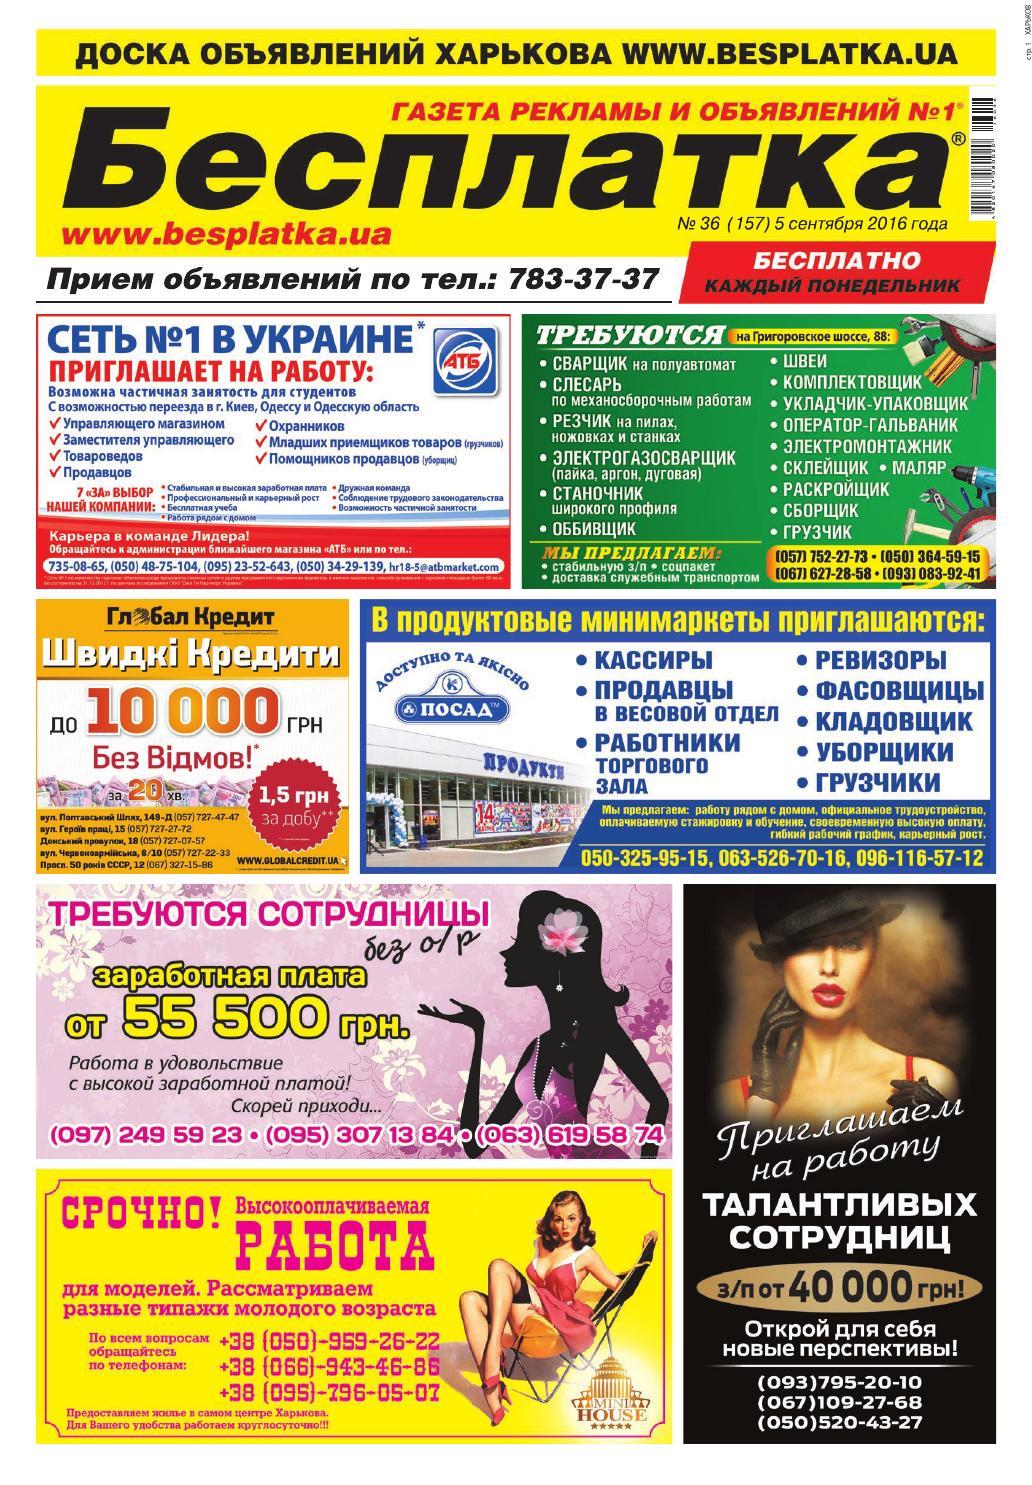 dd04478ad52 Besplatka  36 Харьков by besplatka ukraine - issuu